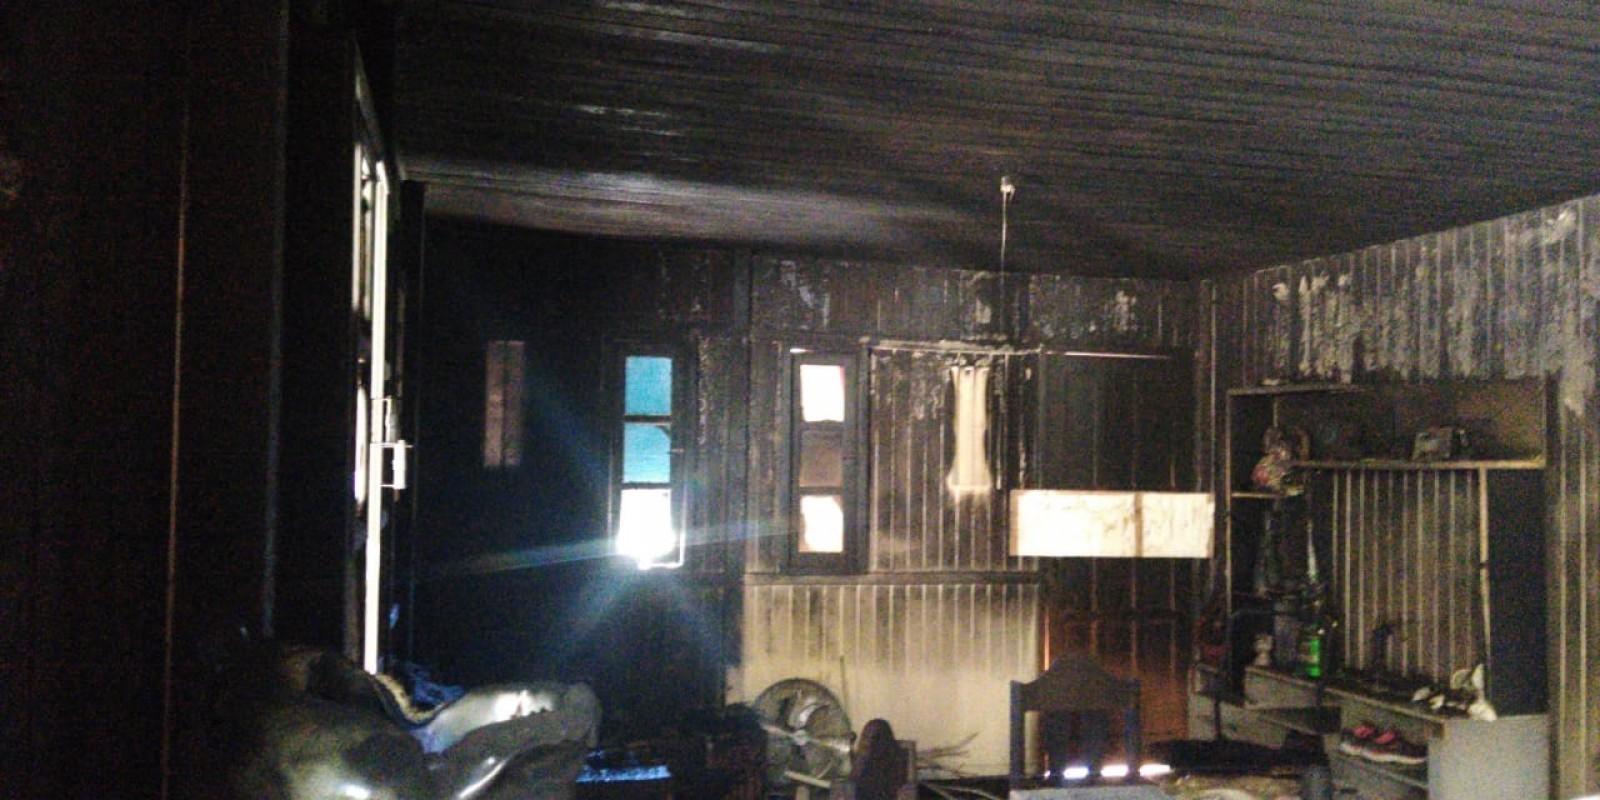 Casal perde tudo em incêndio, esperam pela primeira filha e SAMU de BN faz campanha para ajuda-los.